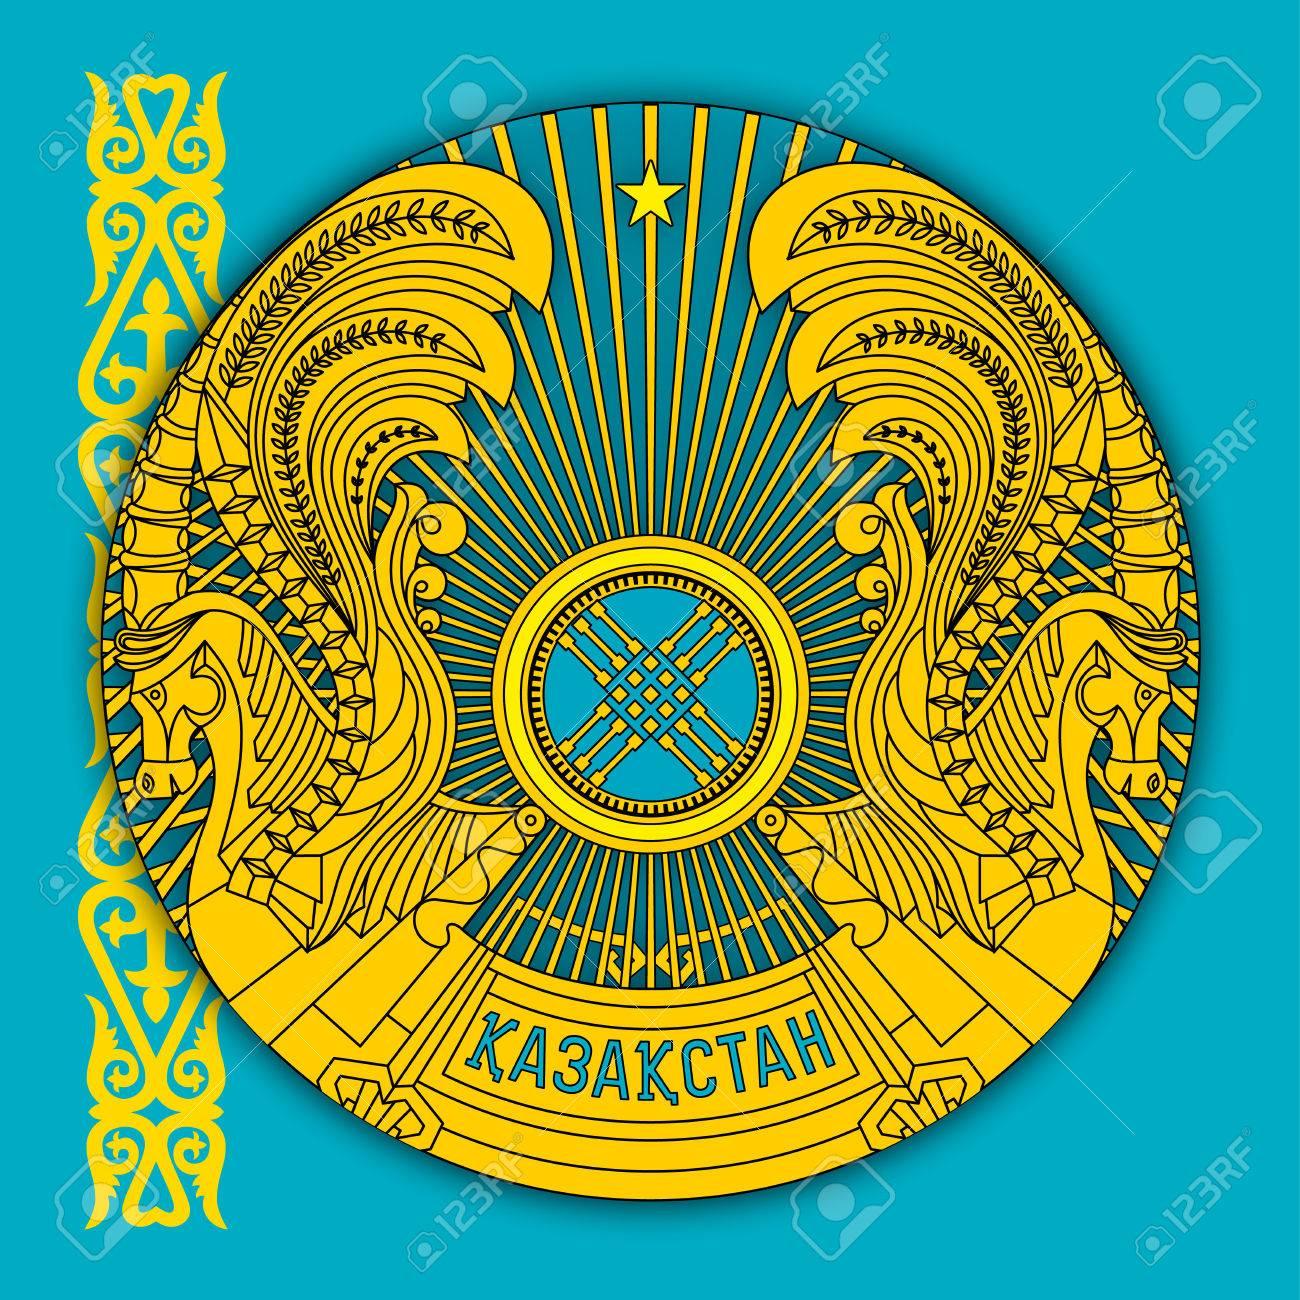 カザフスタンの国章と国旗のシン...